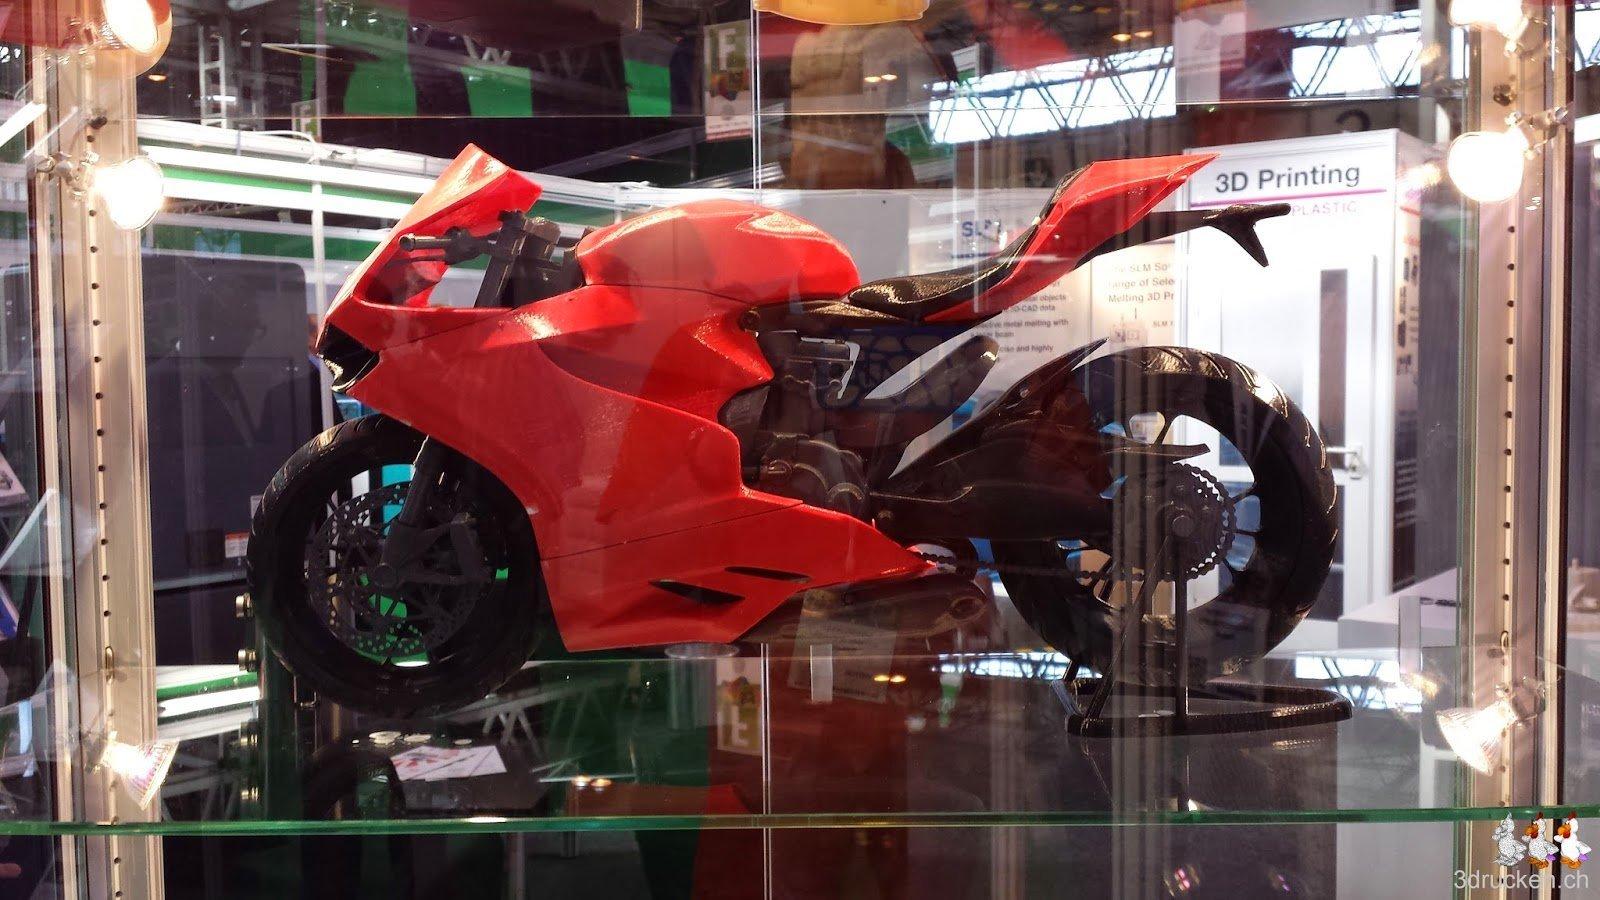 Foto eines schönen Ausstellungsmodells, ein rot-schwarzes Motorrad